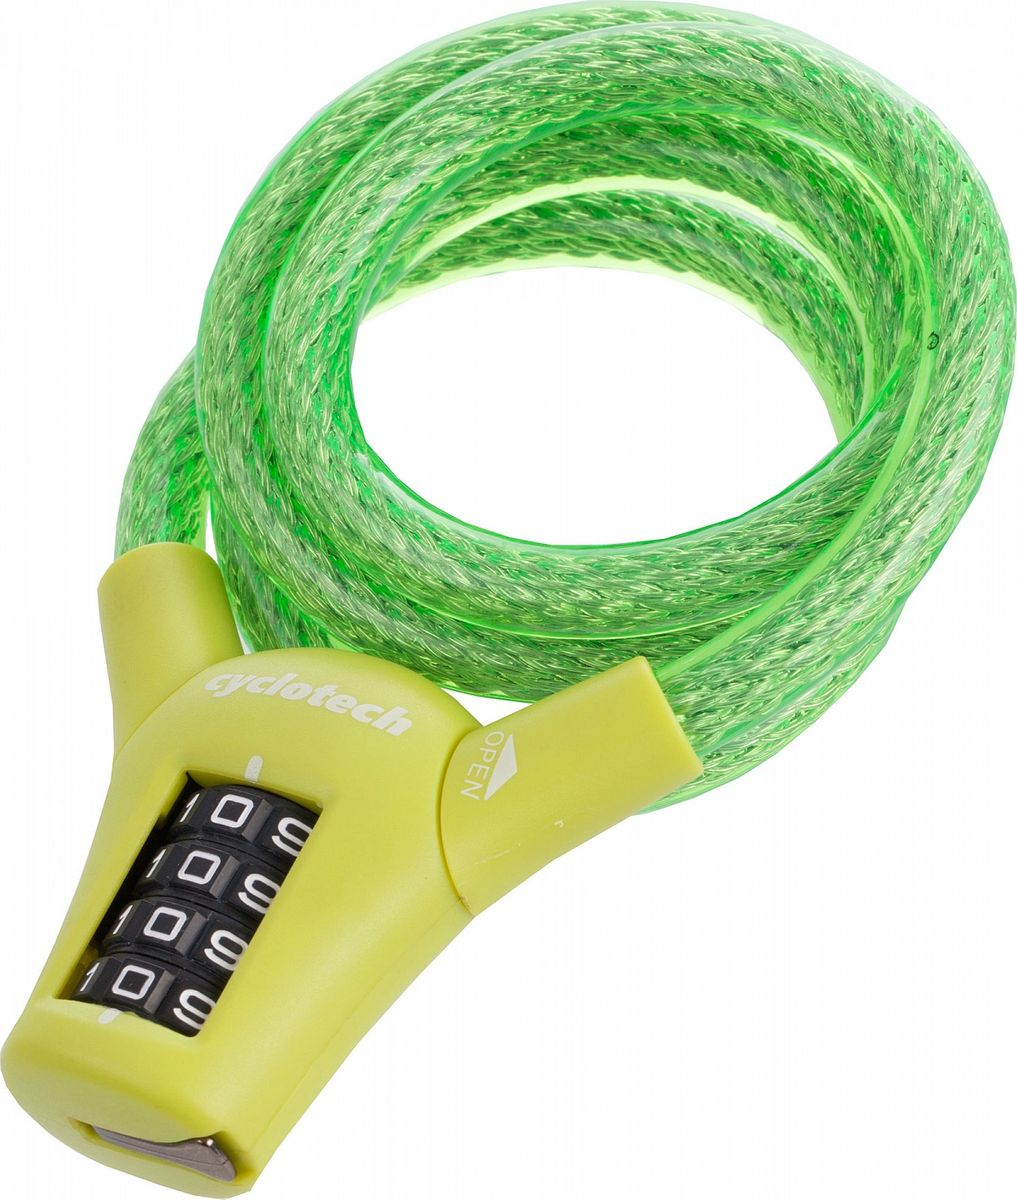 Велозамок кодовый Cyclotech, цвет: светло-зеленый, диаметр 10 мм, длина 90 см